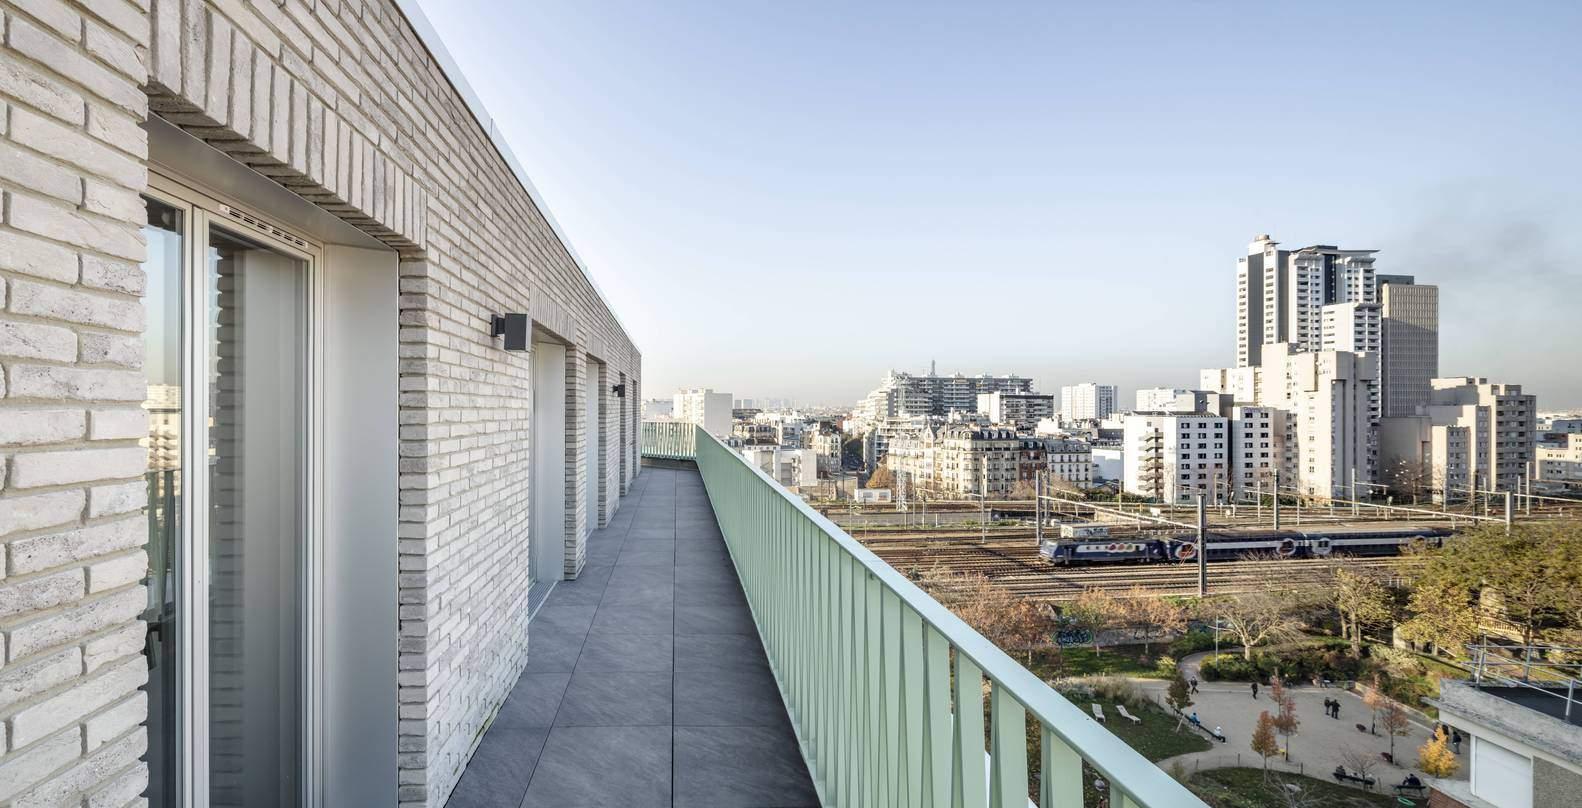 Спільні балкони для відпочинку   / Фото Archdaily